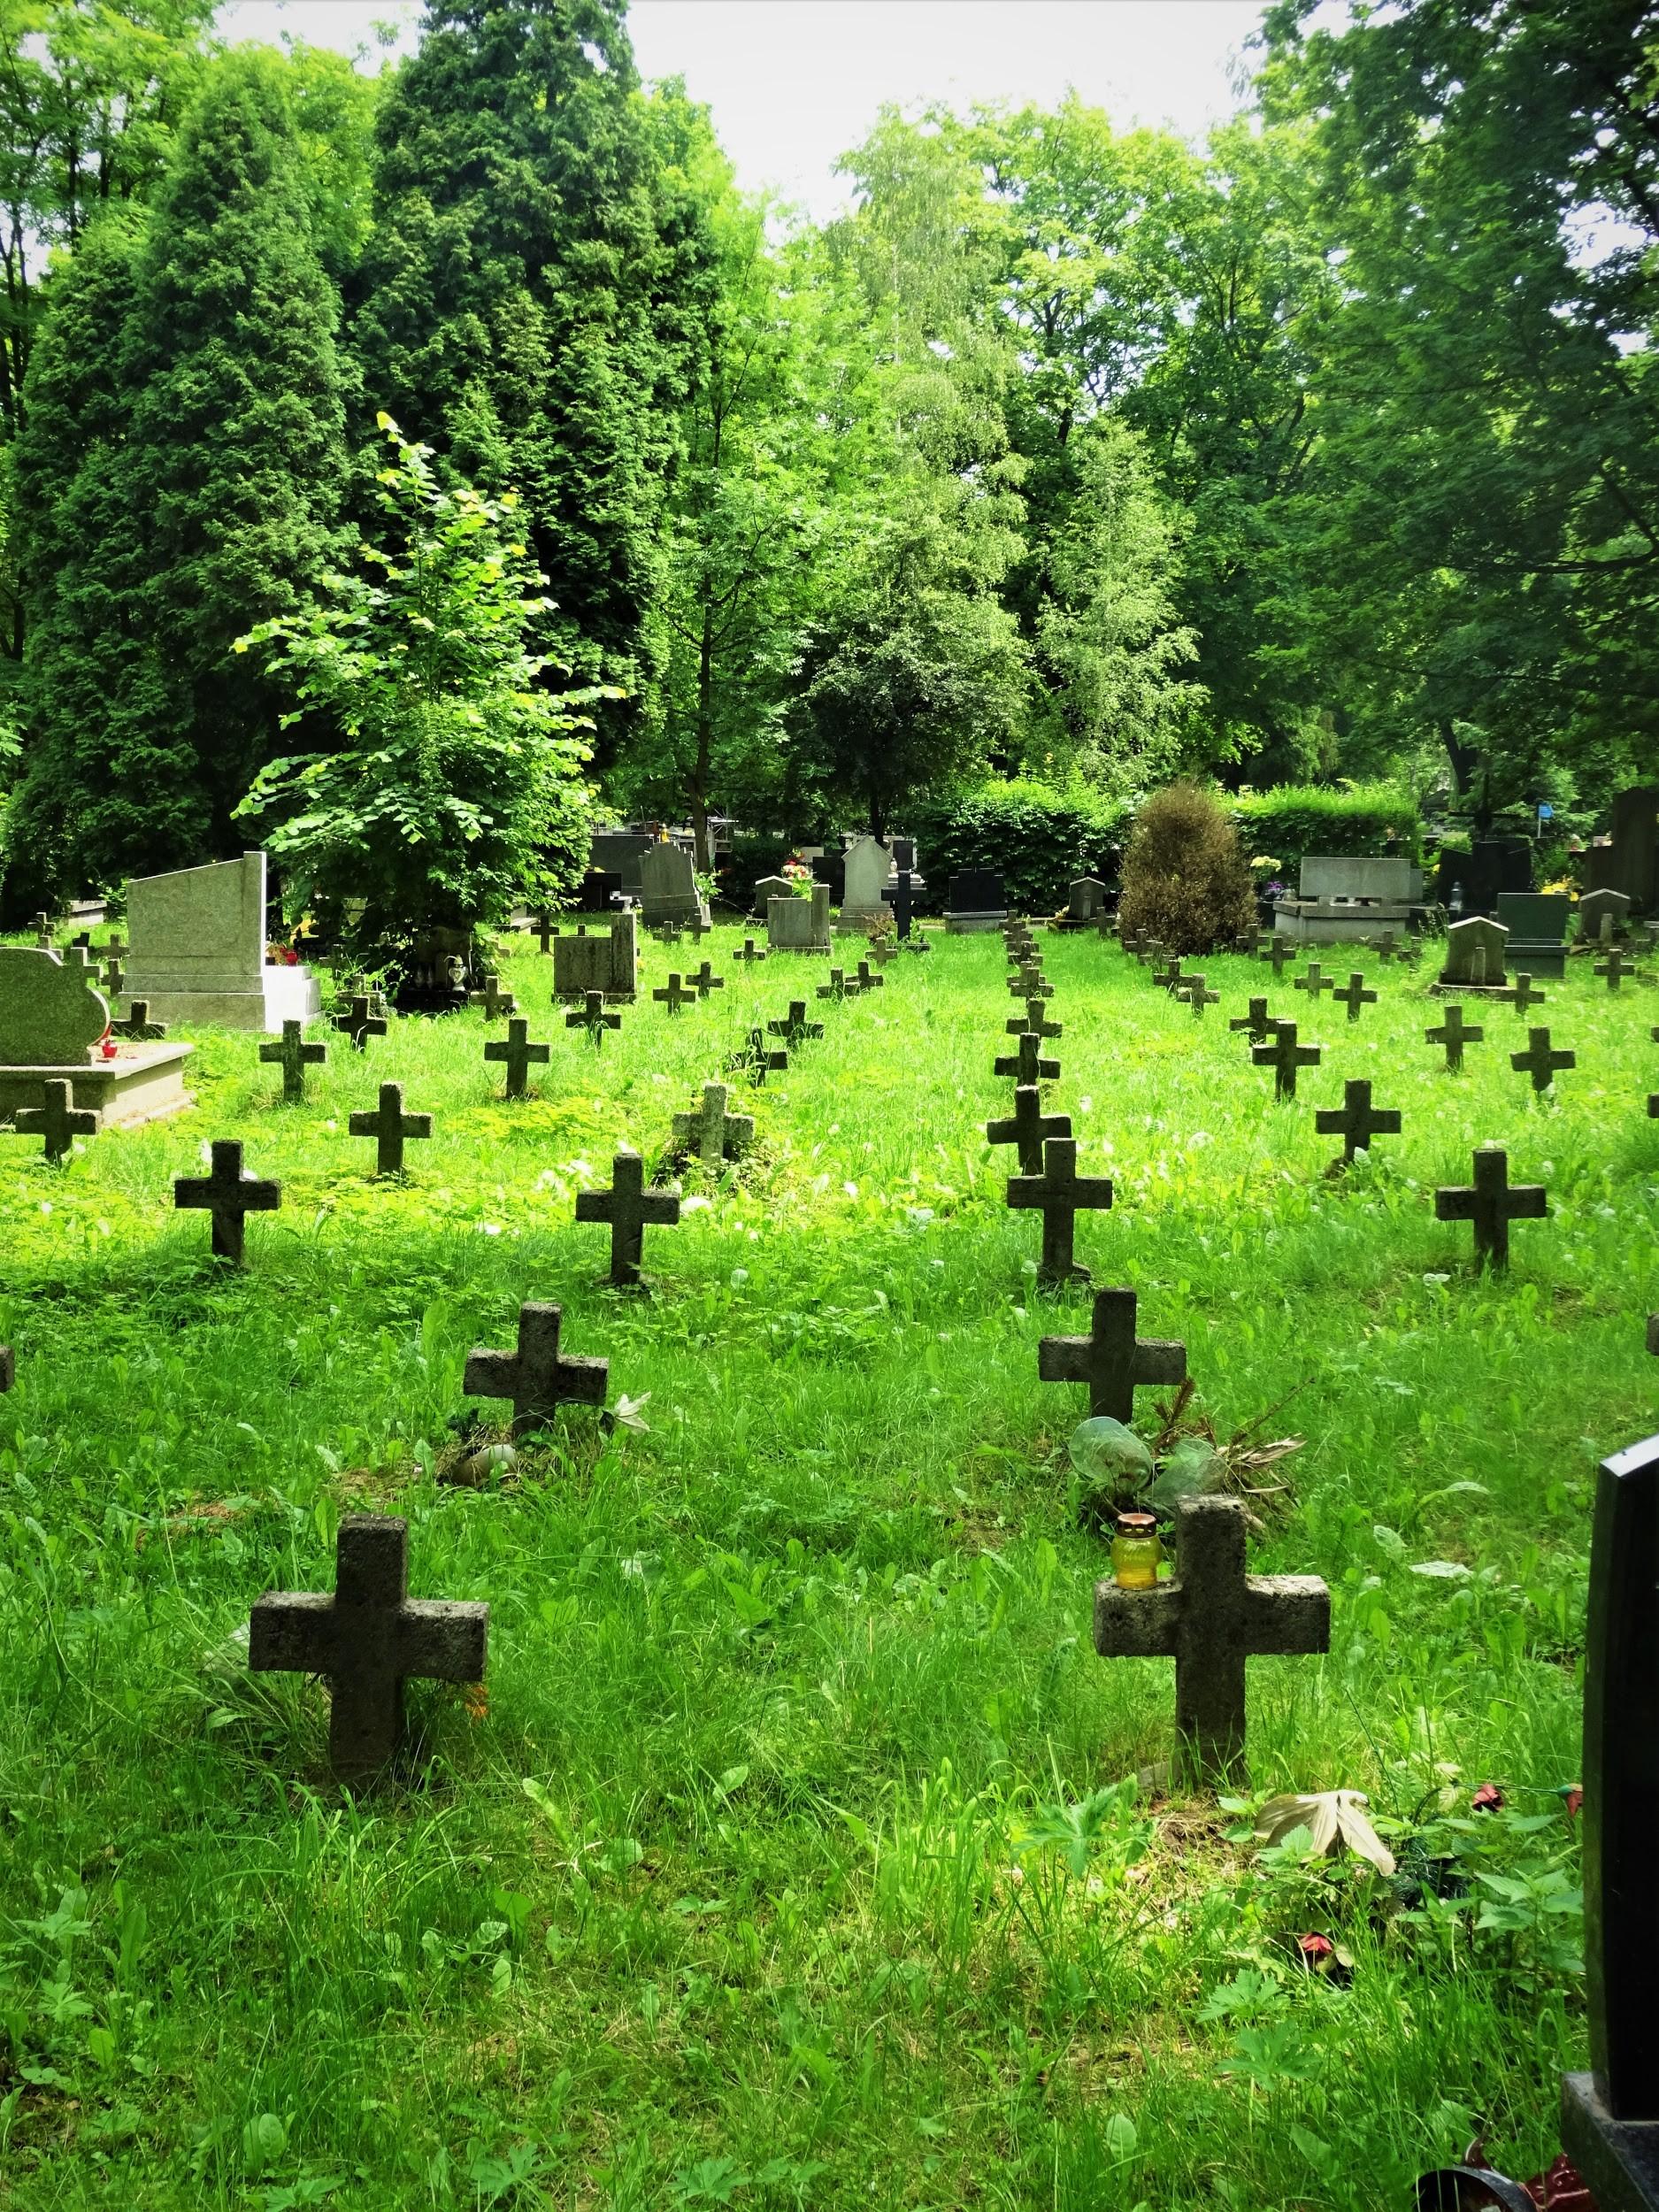 CmentarzRakowicki-Krakow-CityBreak-02